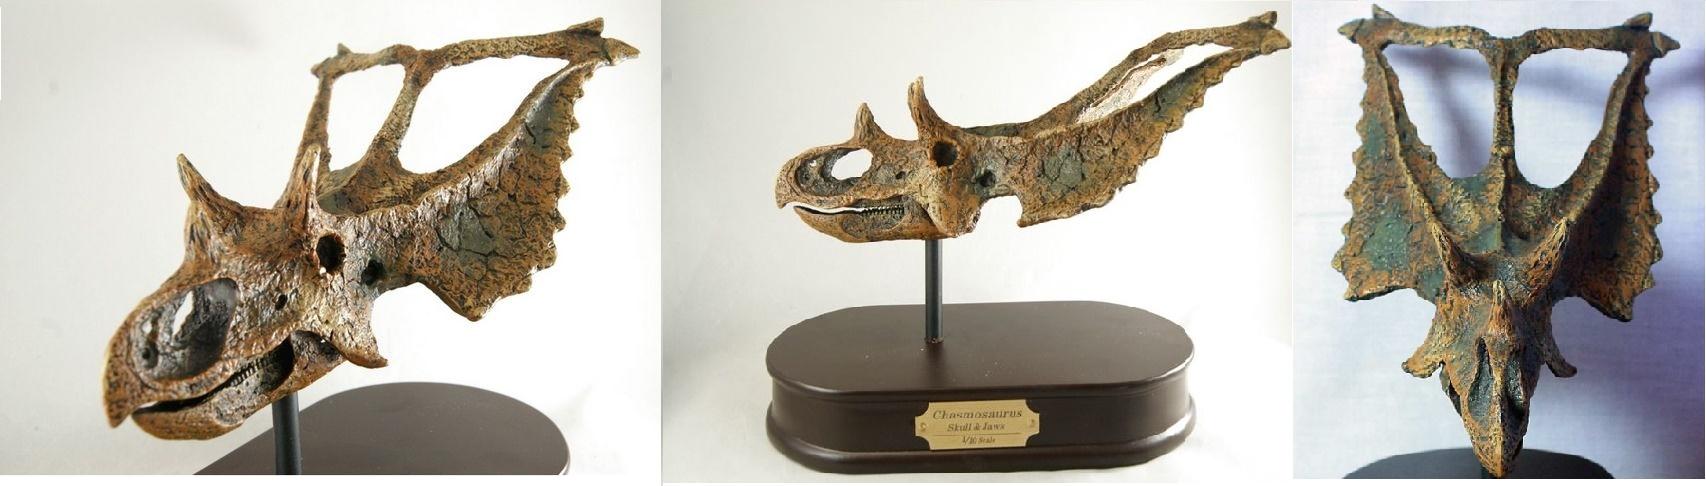 Реконструкция черепа хасмозавра